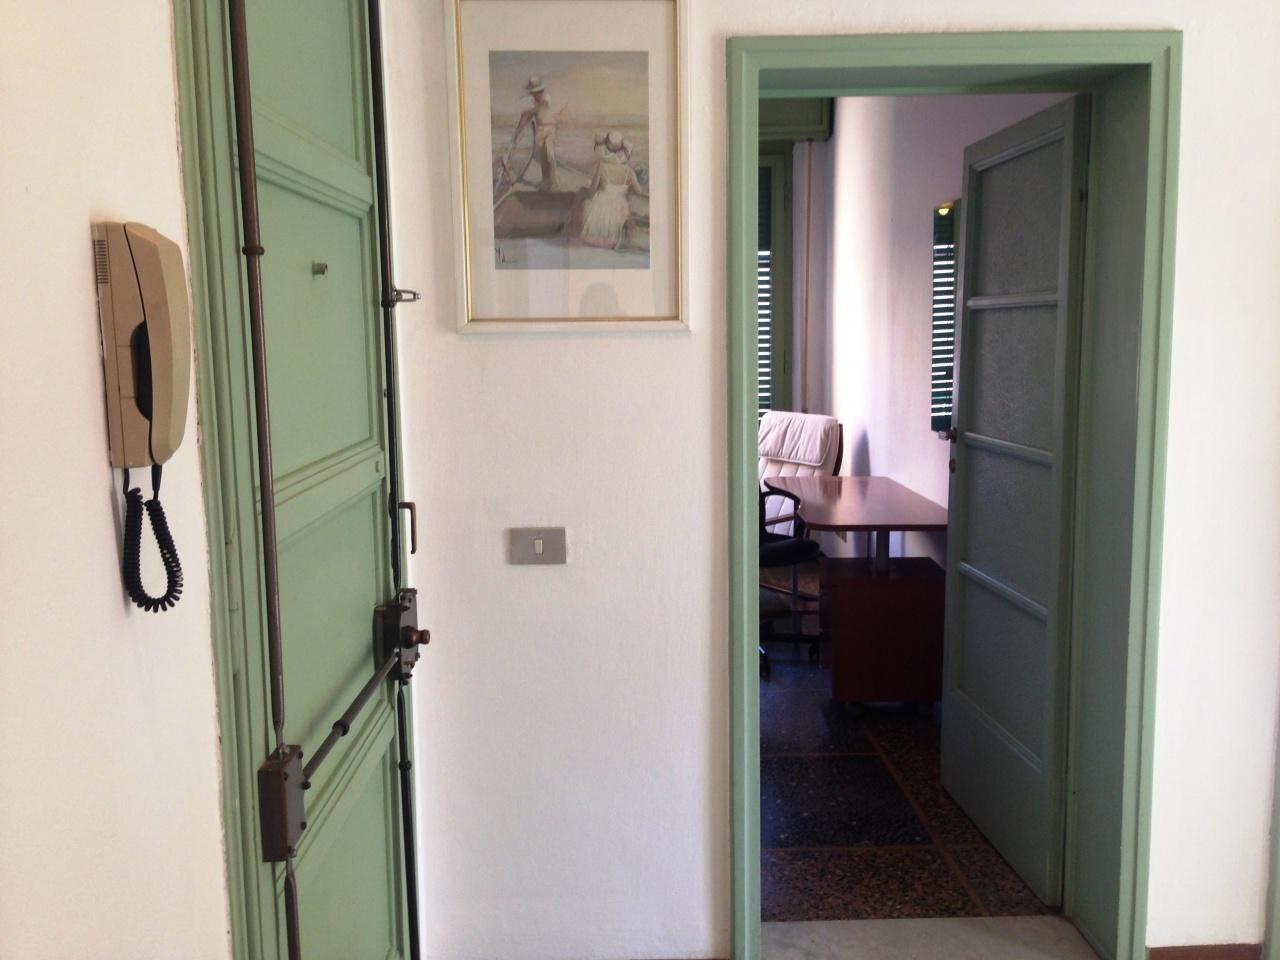 Faso immobiliare a pisa casa - Porta fiorentina pisa ...